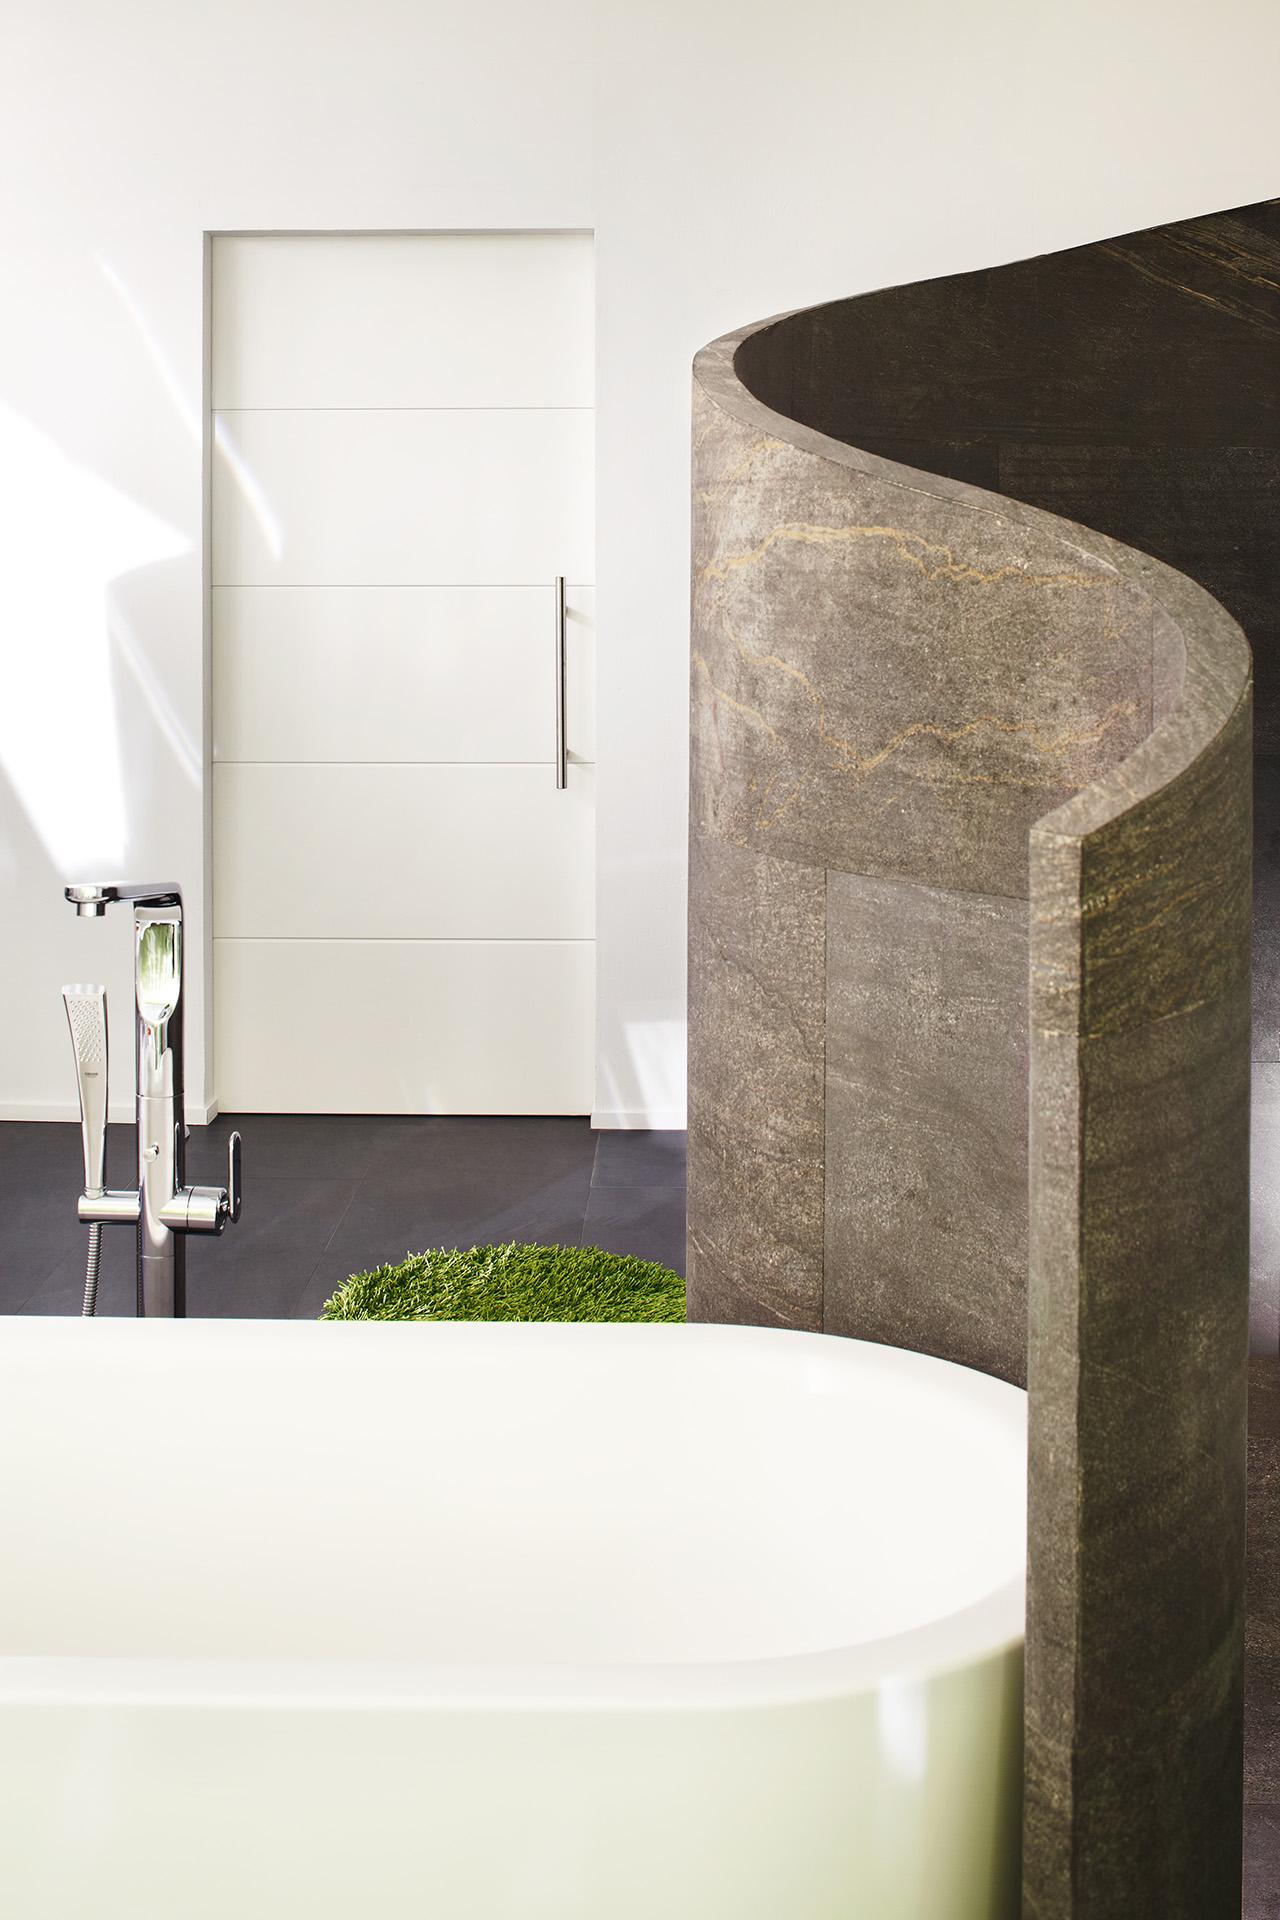 schiebet ren design und funktionalit t. Black Bedroom Furniture Sets. Home Design Ideas